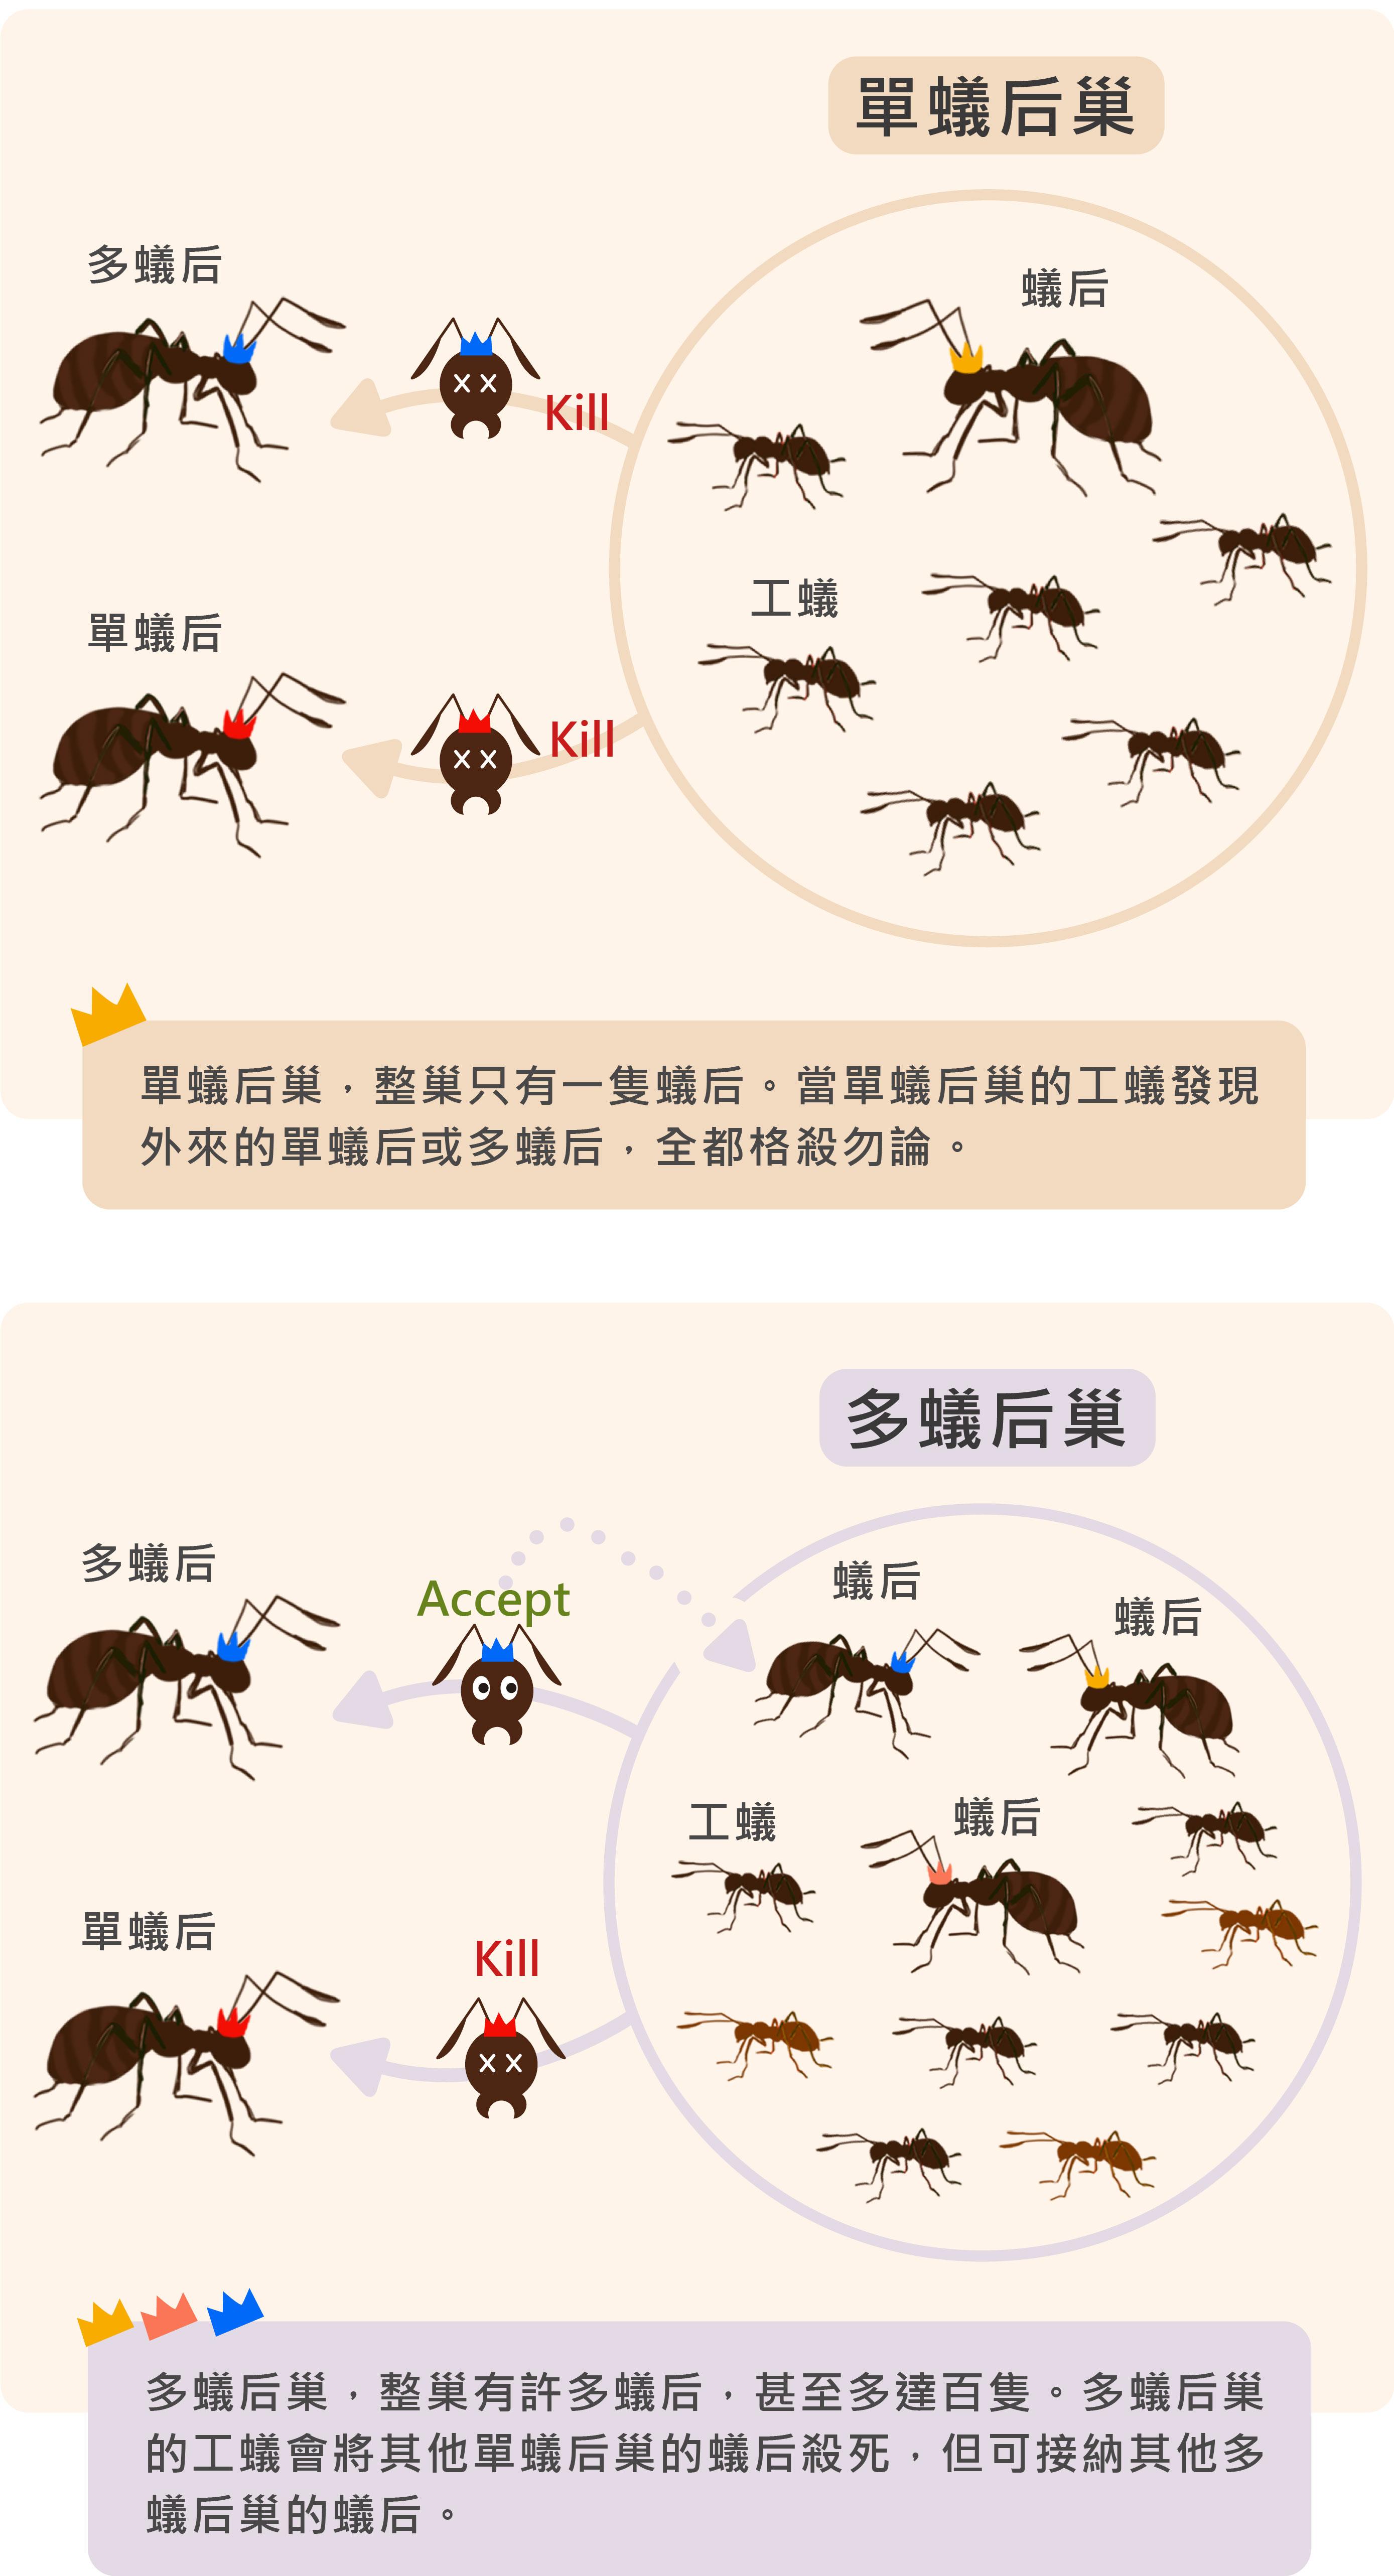 資料來源│王忠信 圖說設計│黃曉君、林洵安